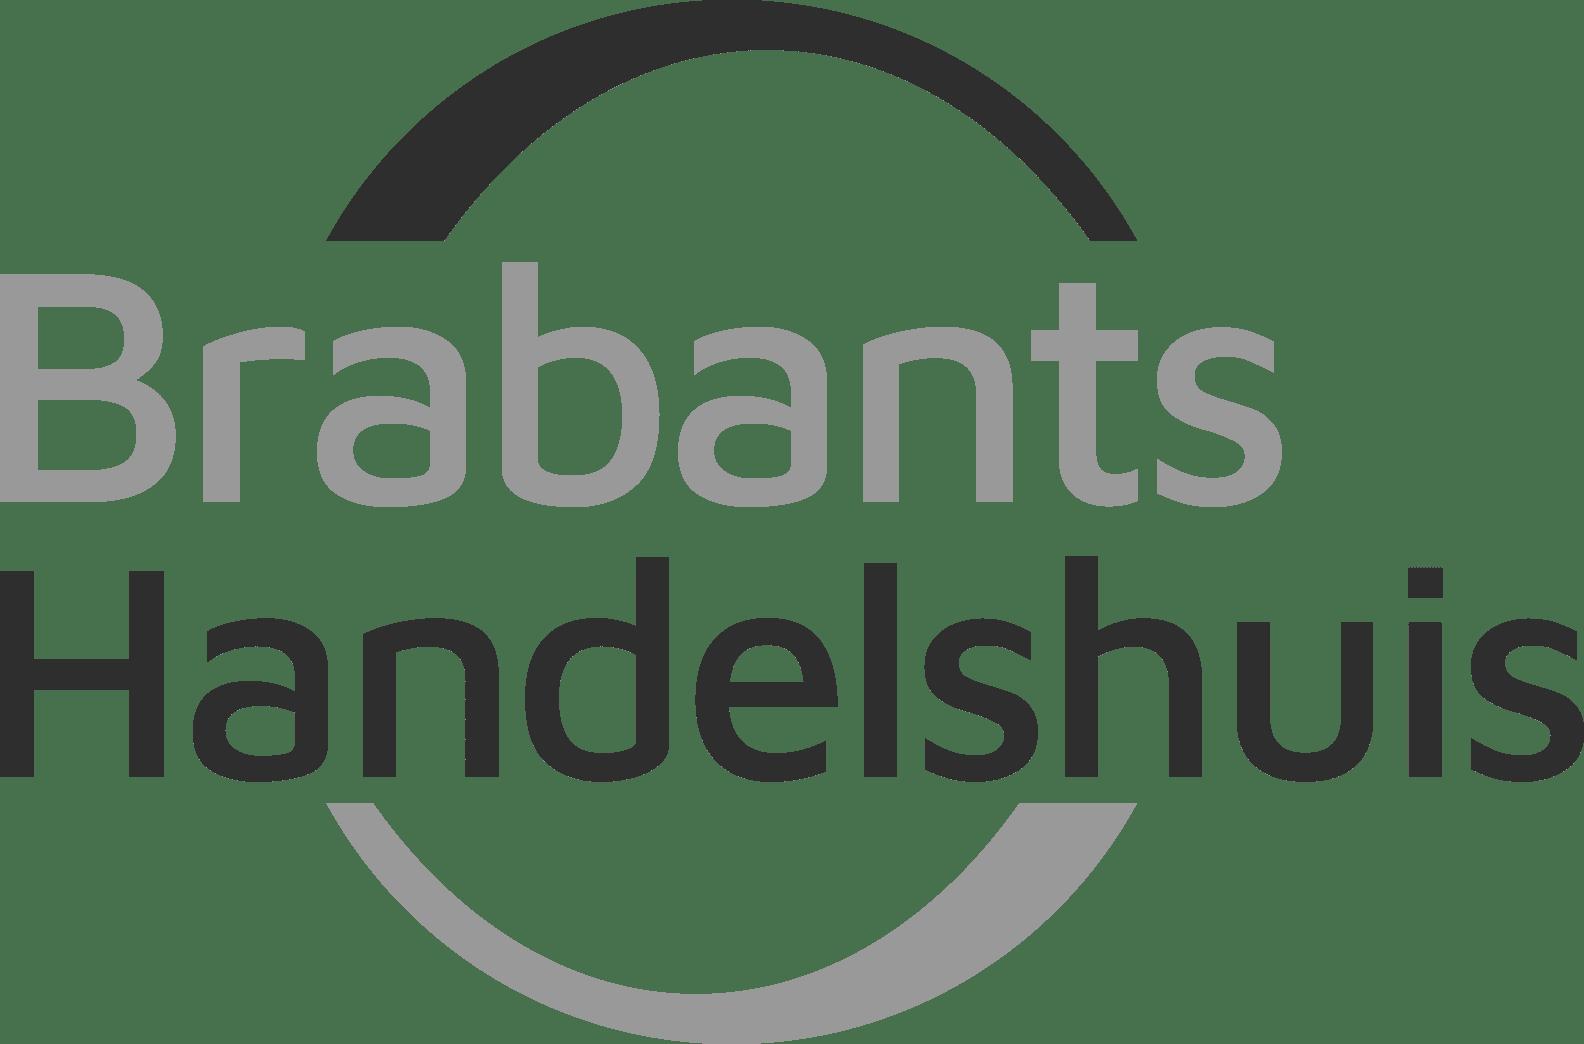 brabants-handelshuis-logo-zwartwit